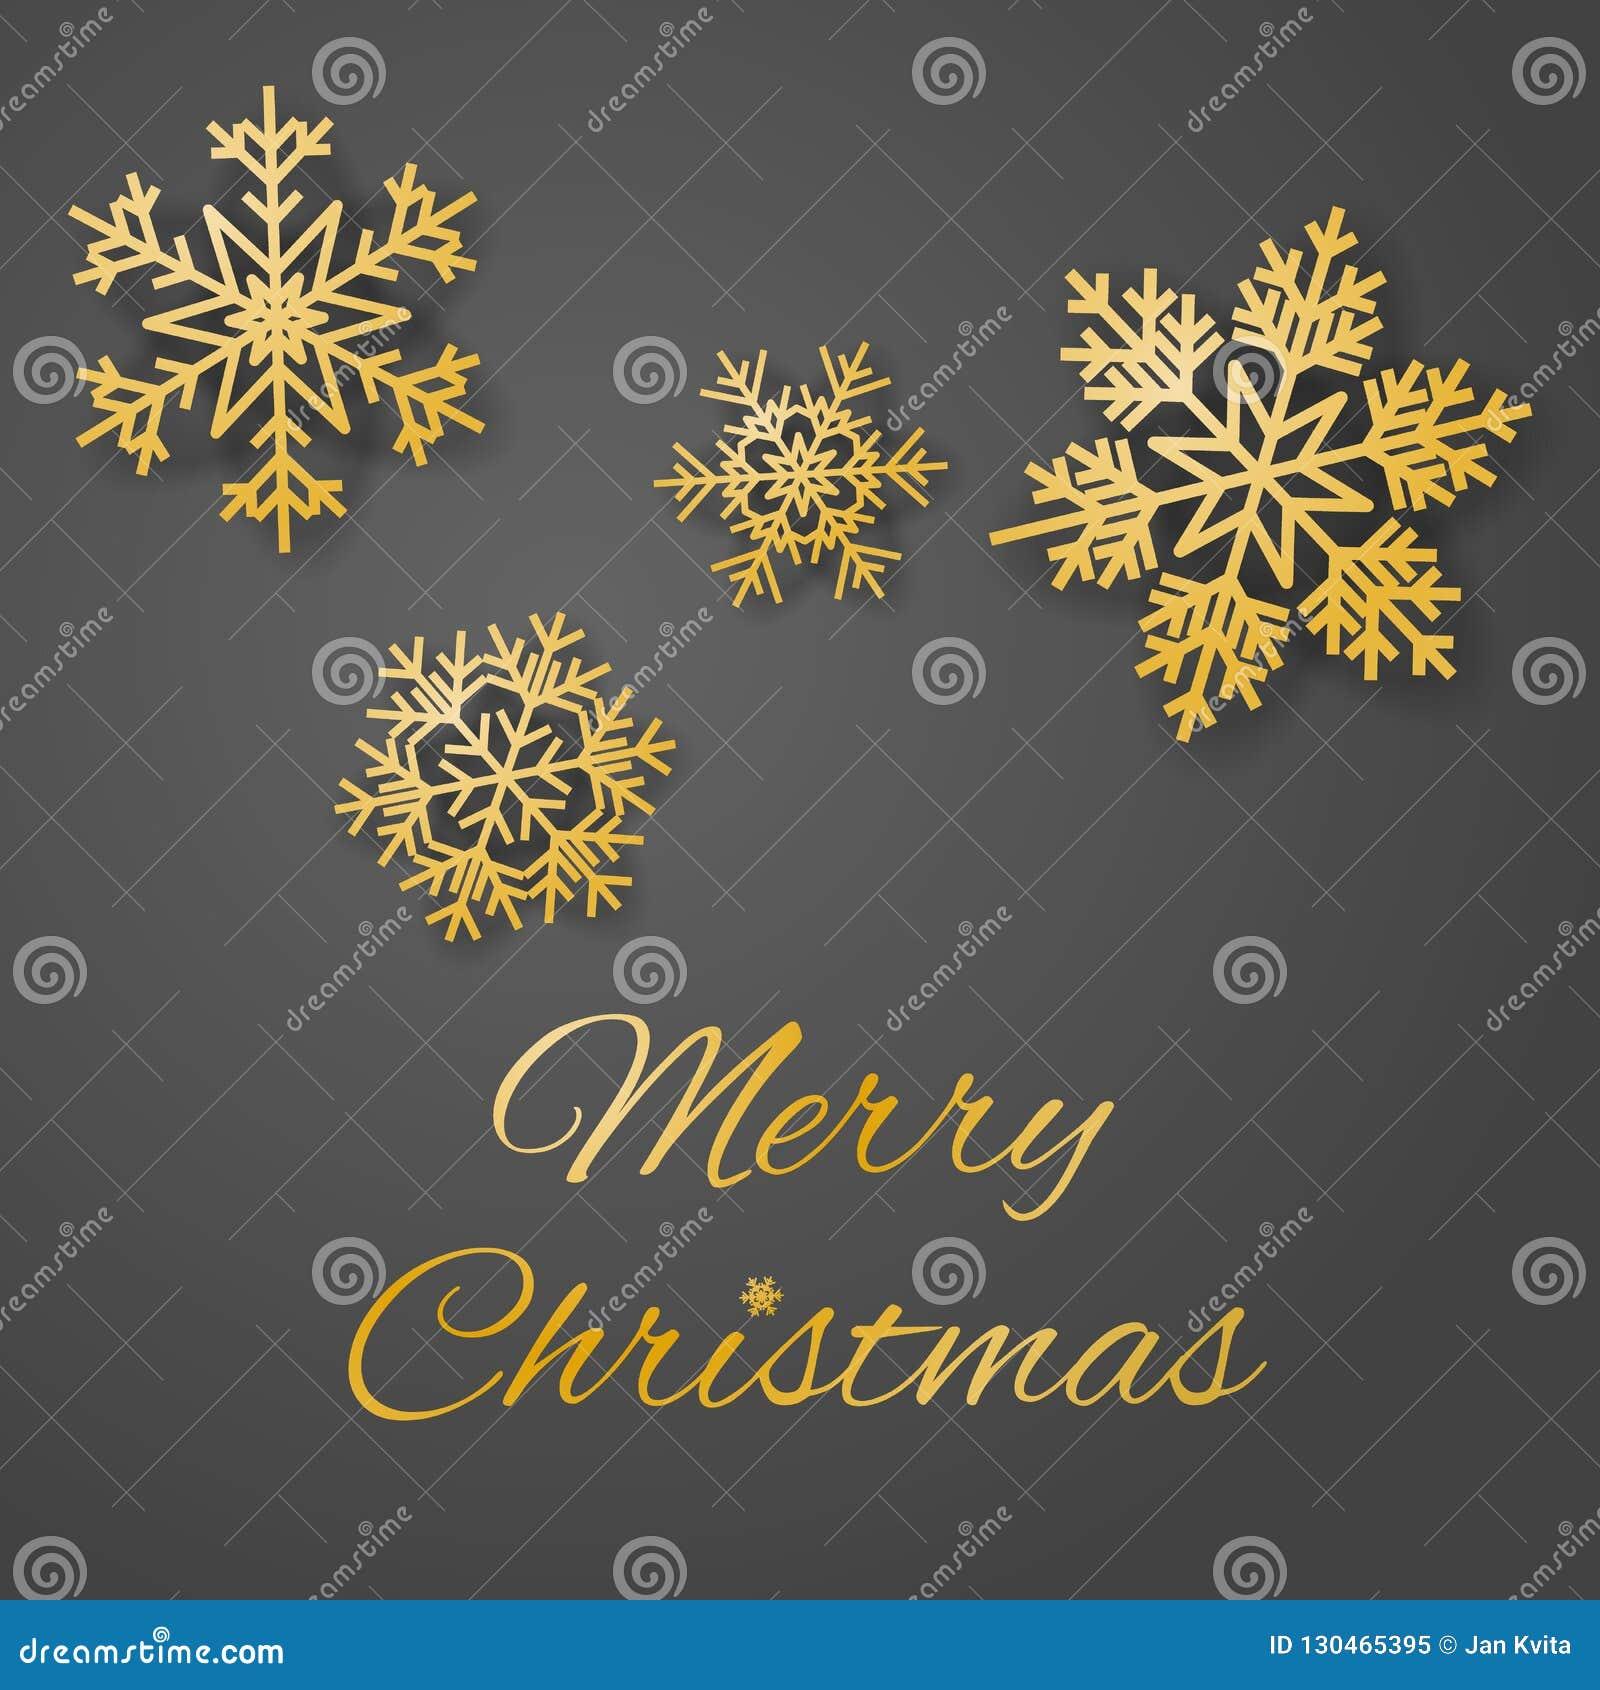 Vetor luxuoso do cartão do Feliz Natal com ouro suntuoso os flocos de neve coloridos no fundo cinzento